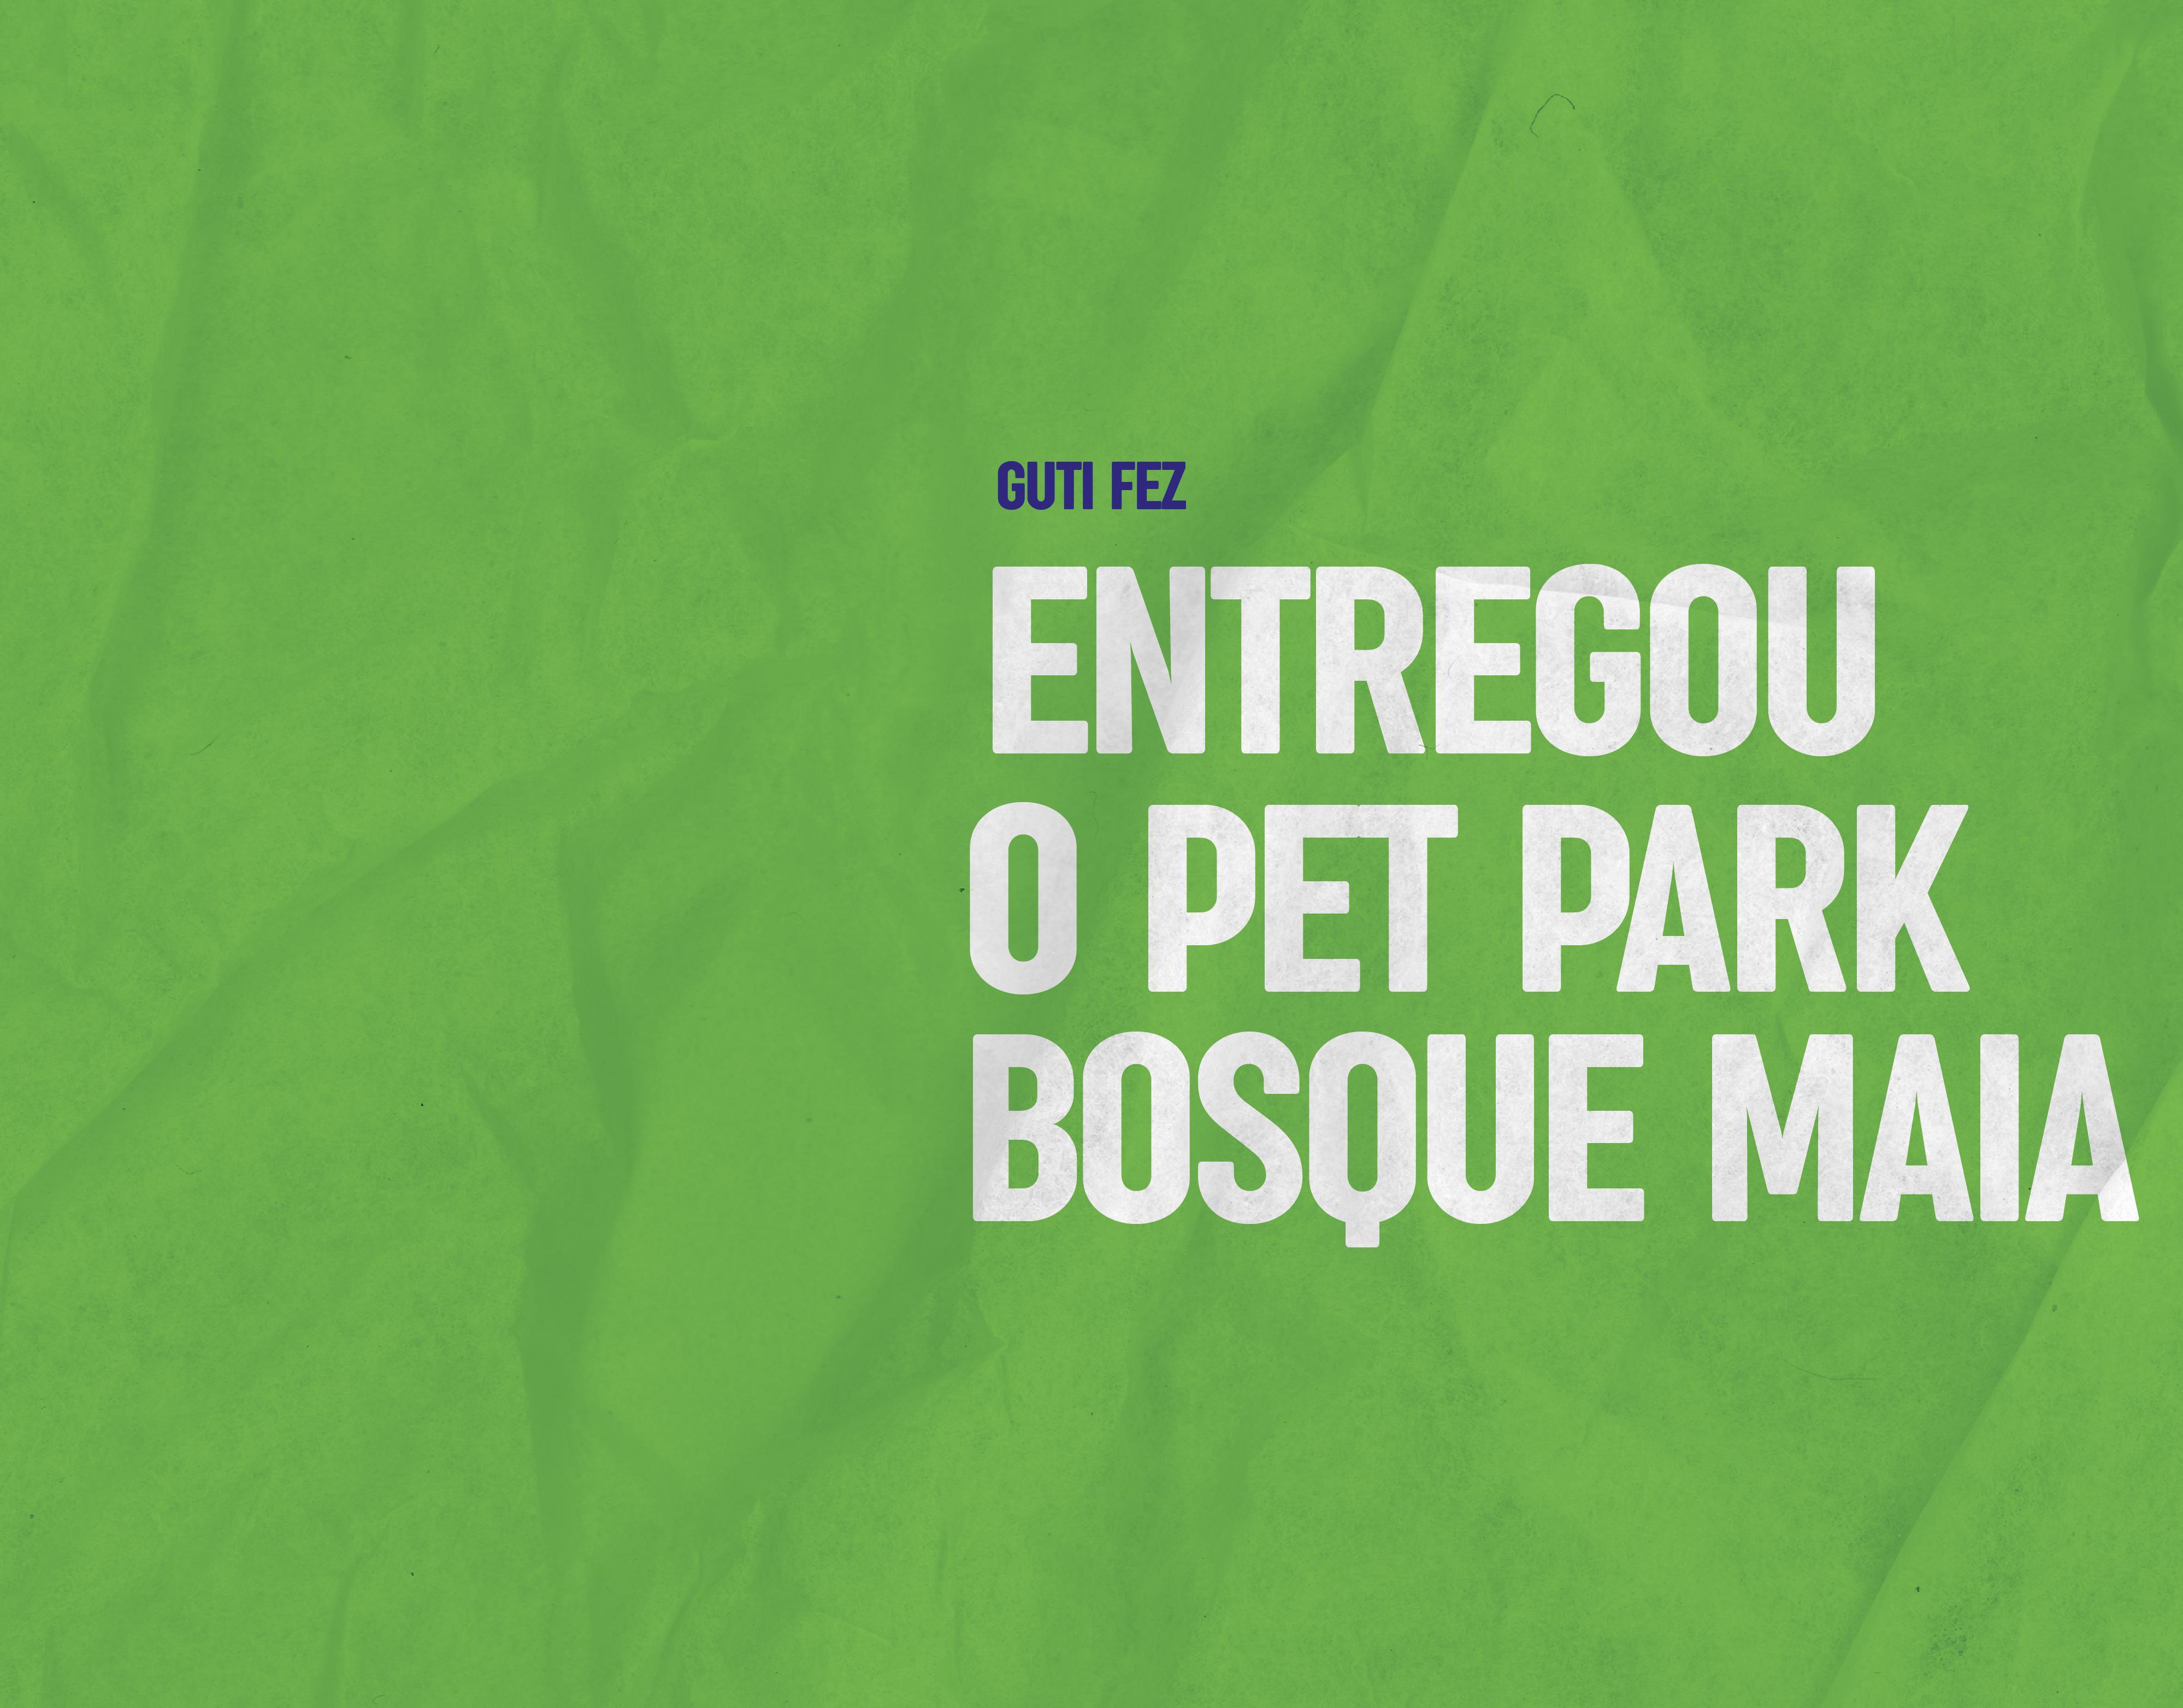 Entregou o Pet Park Bosque Maia